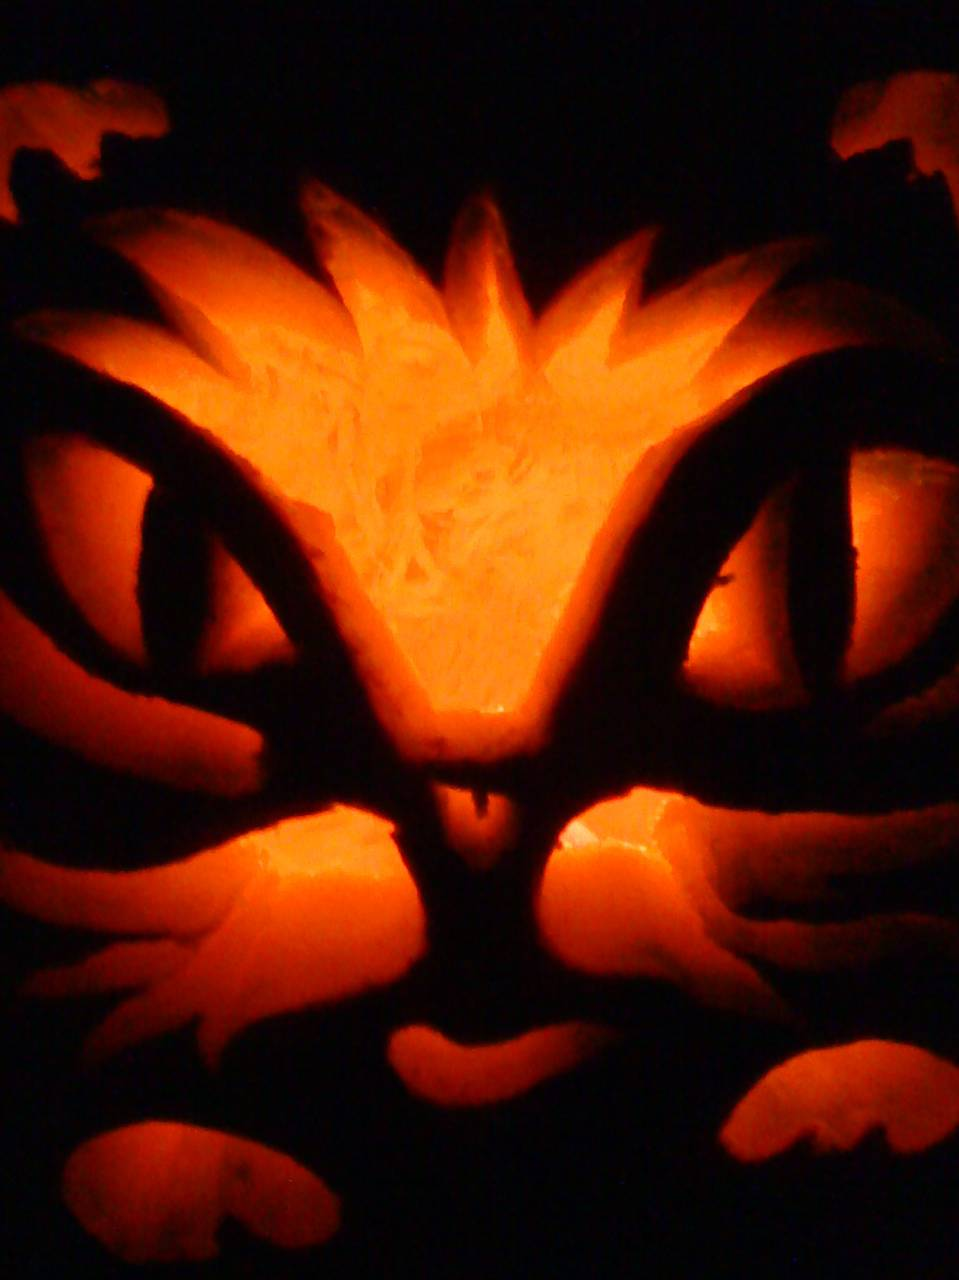 My Halloween Pumpkin